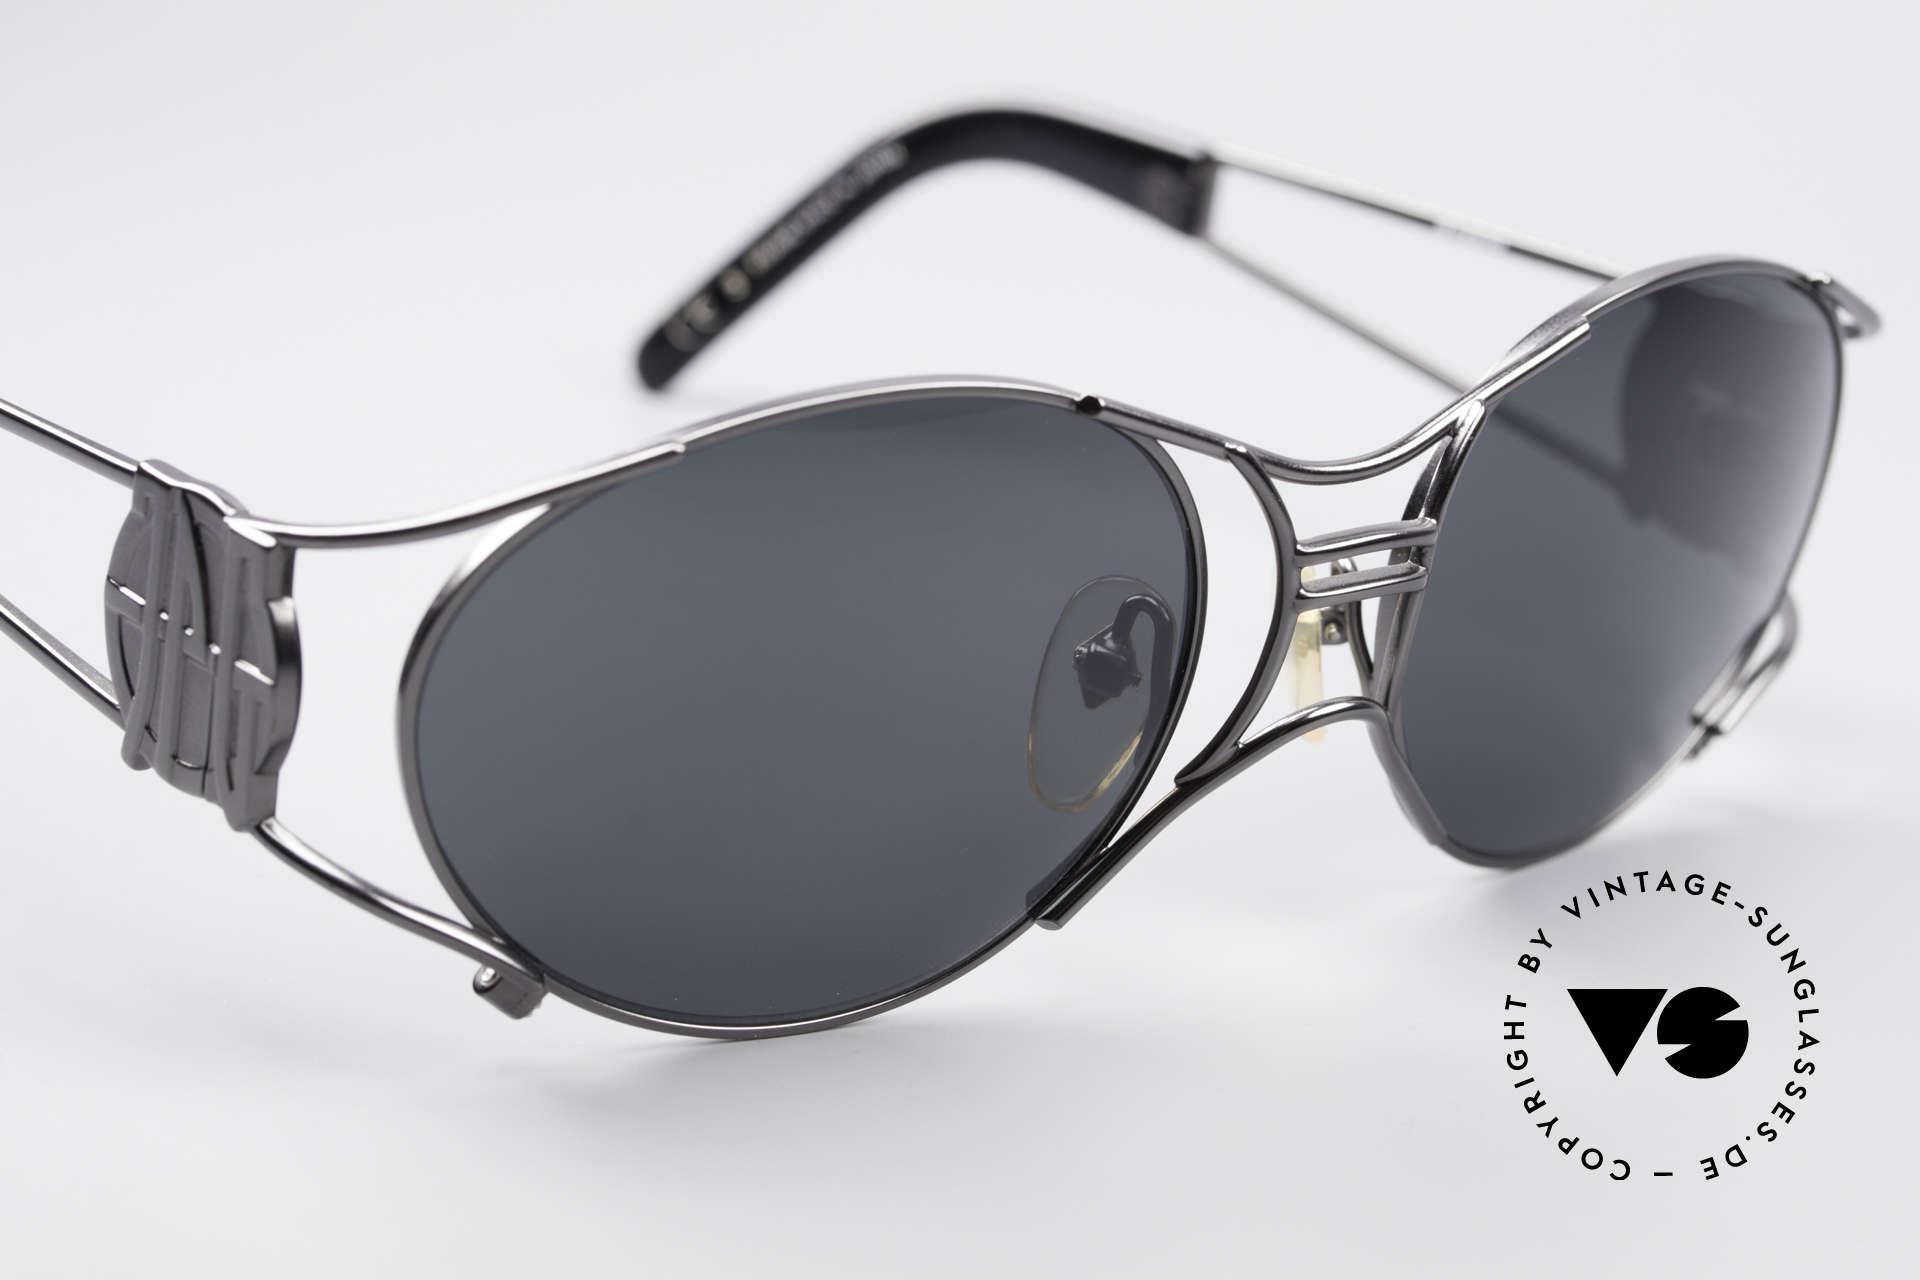 Jean Paul Gaultier 58-6101 Steampunk 90er Sonnenbrille, ungetragenes Original (Hingucker & Sammlerstück), Passend für Herren und Damen